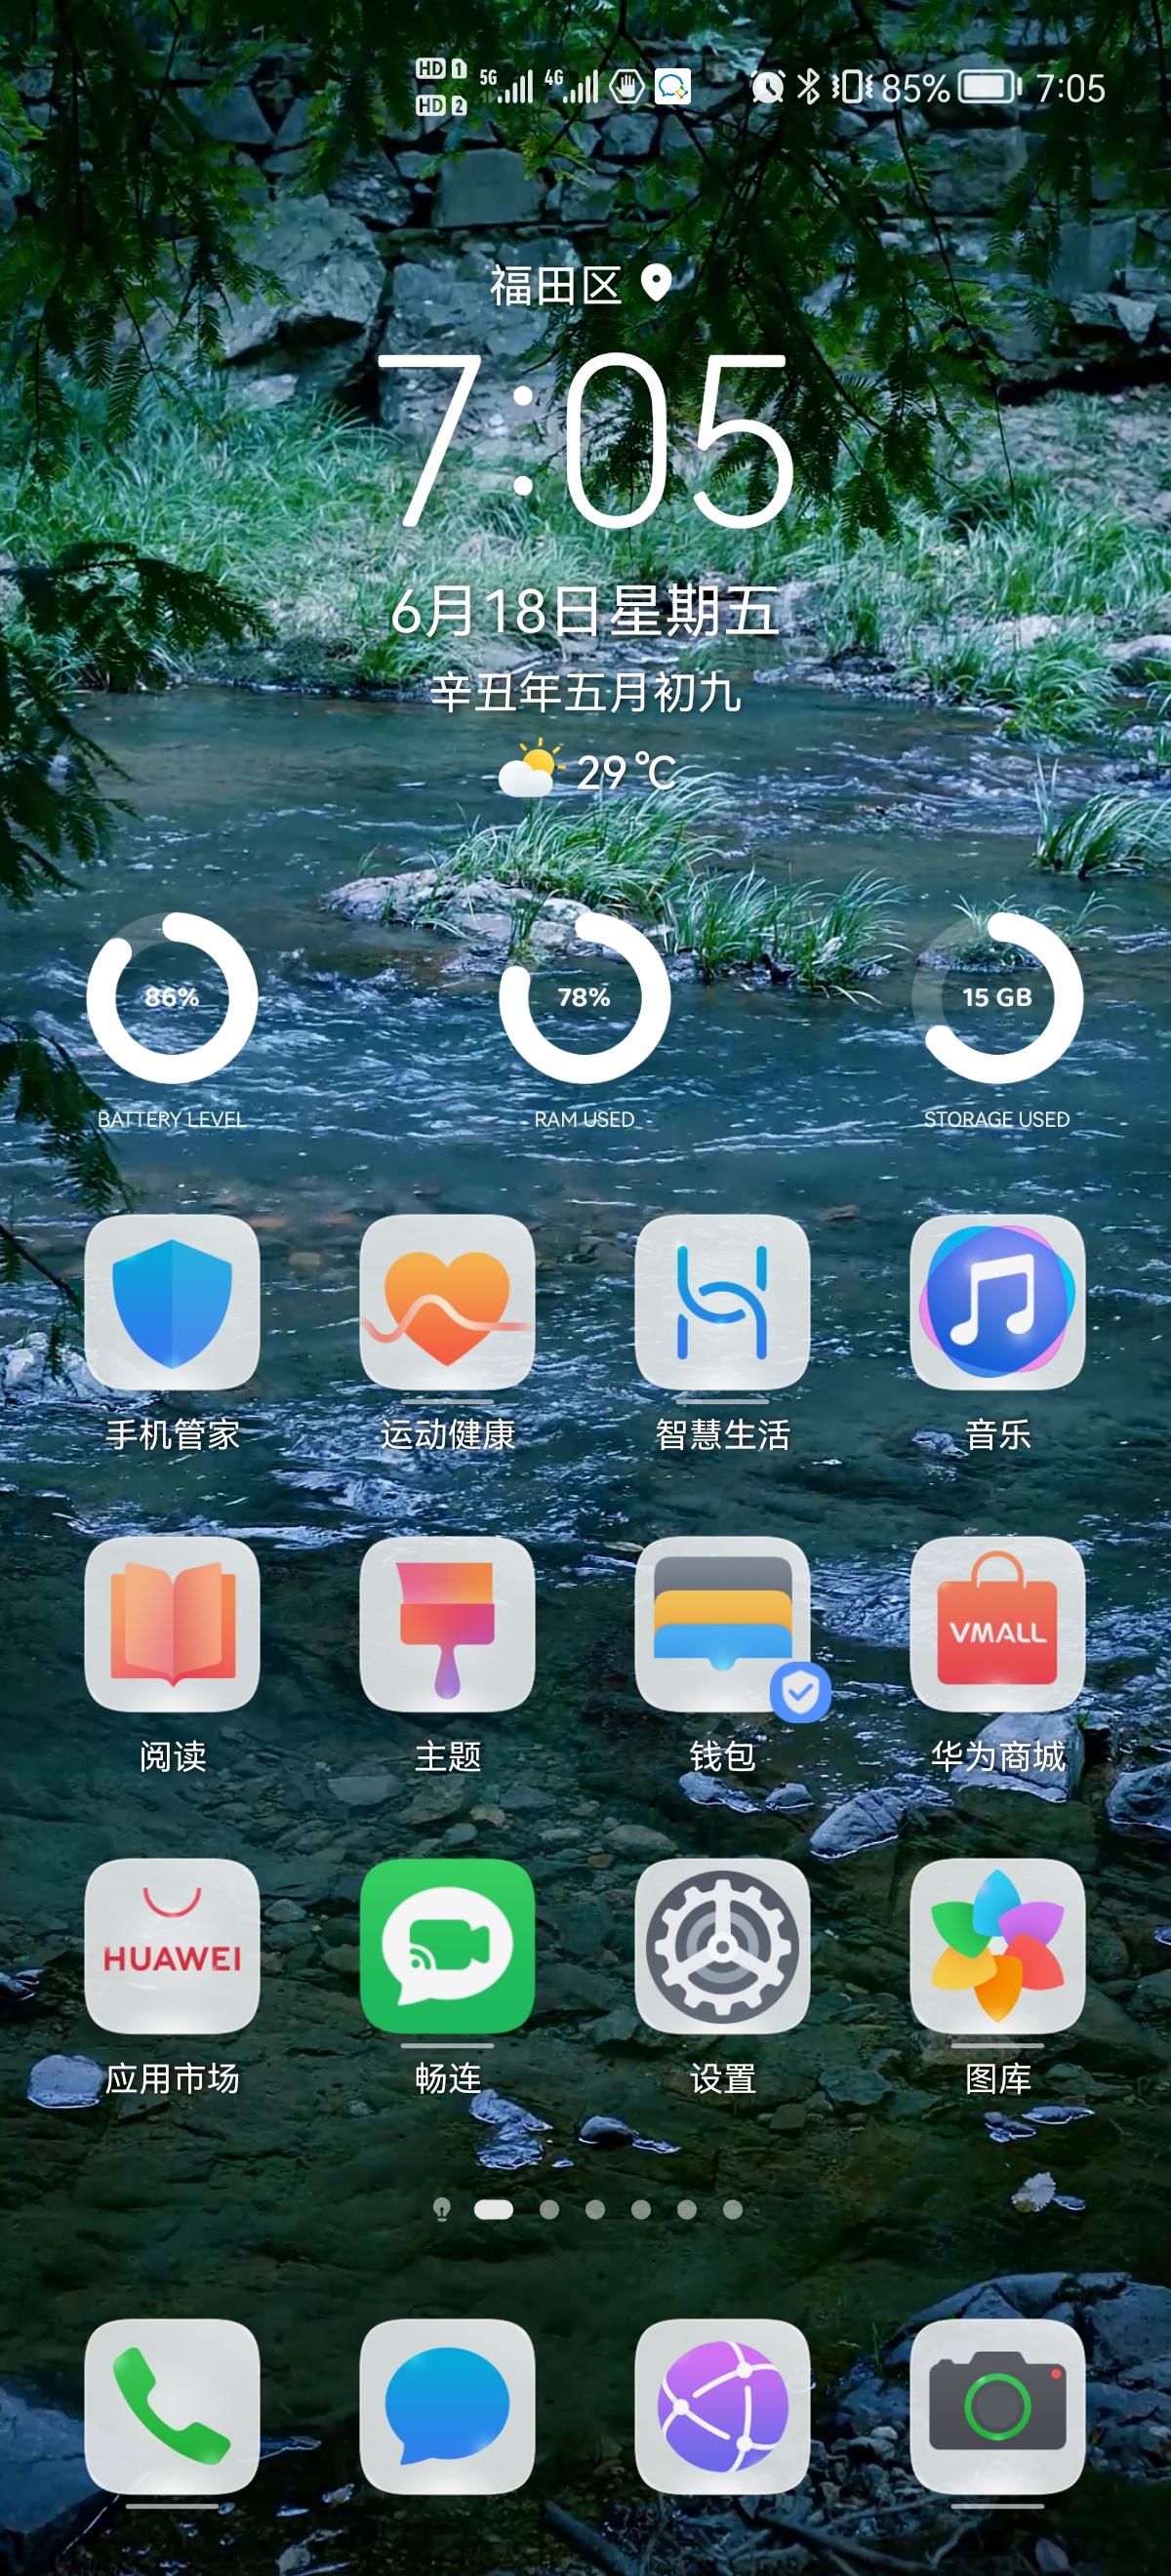 Screenshot_20210618_190517_com.huawei.android.launcher.jpg